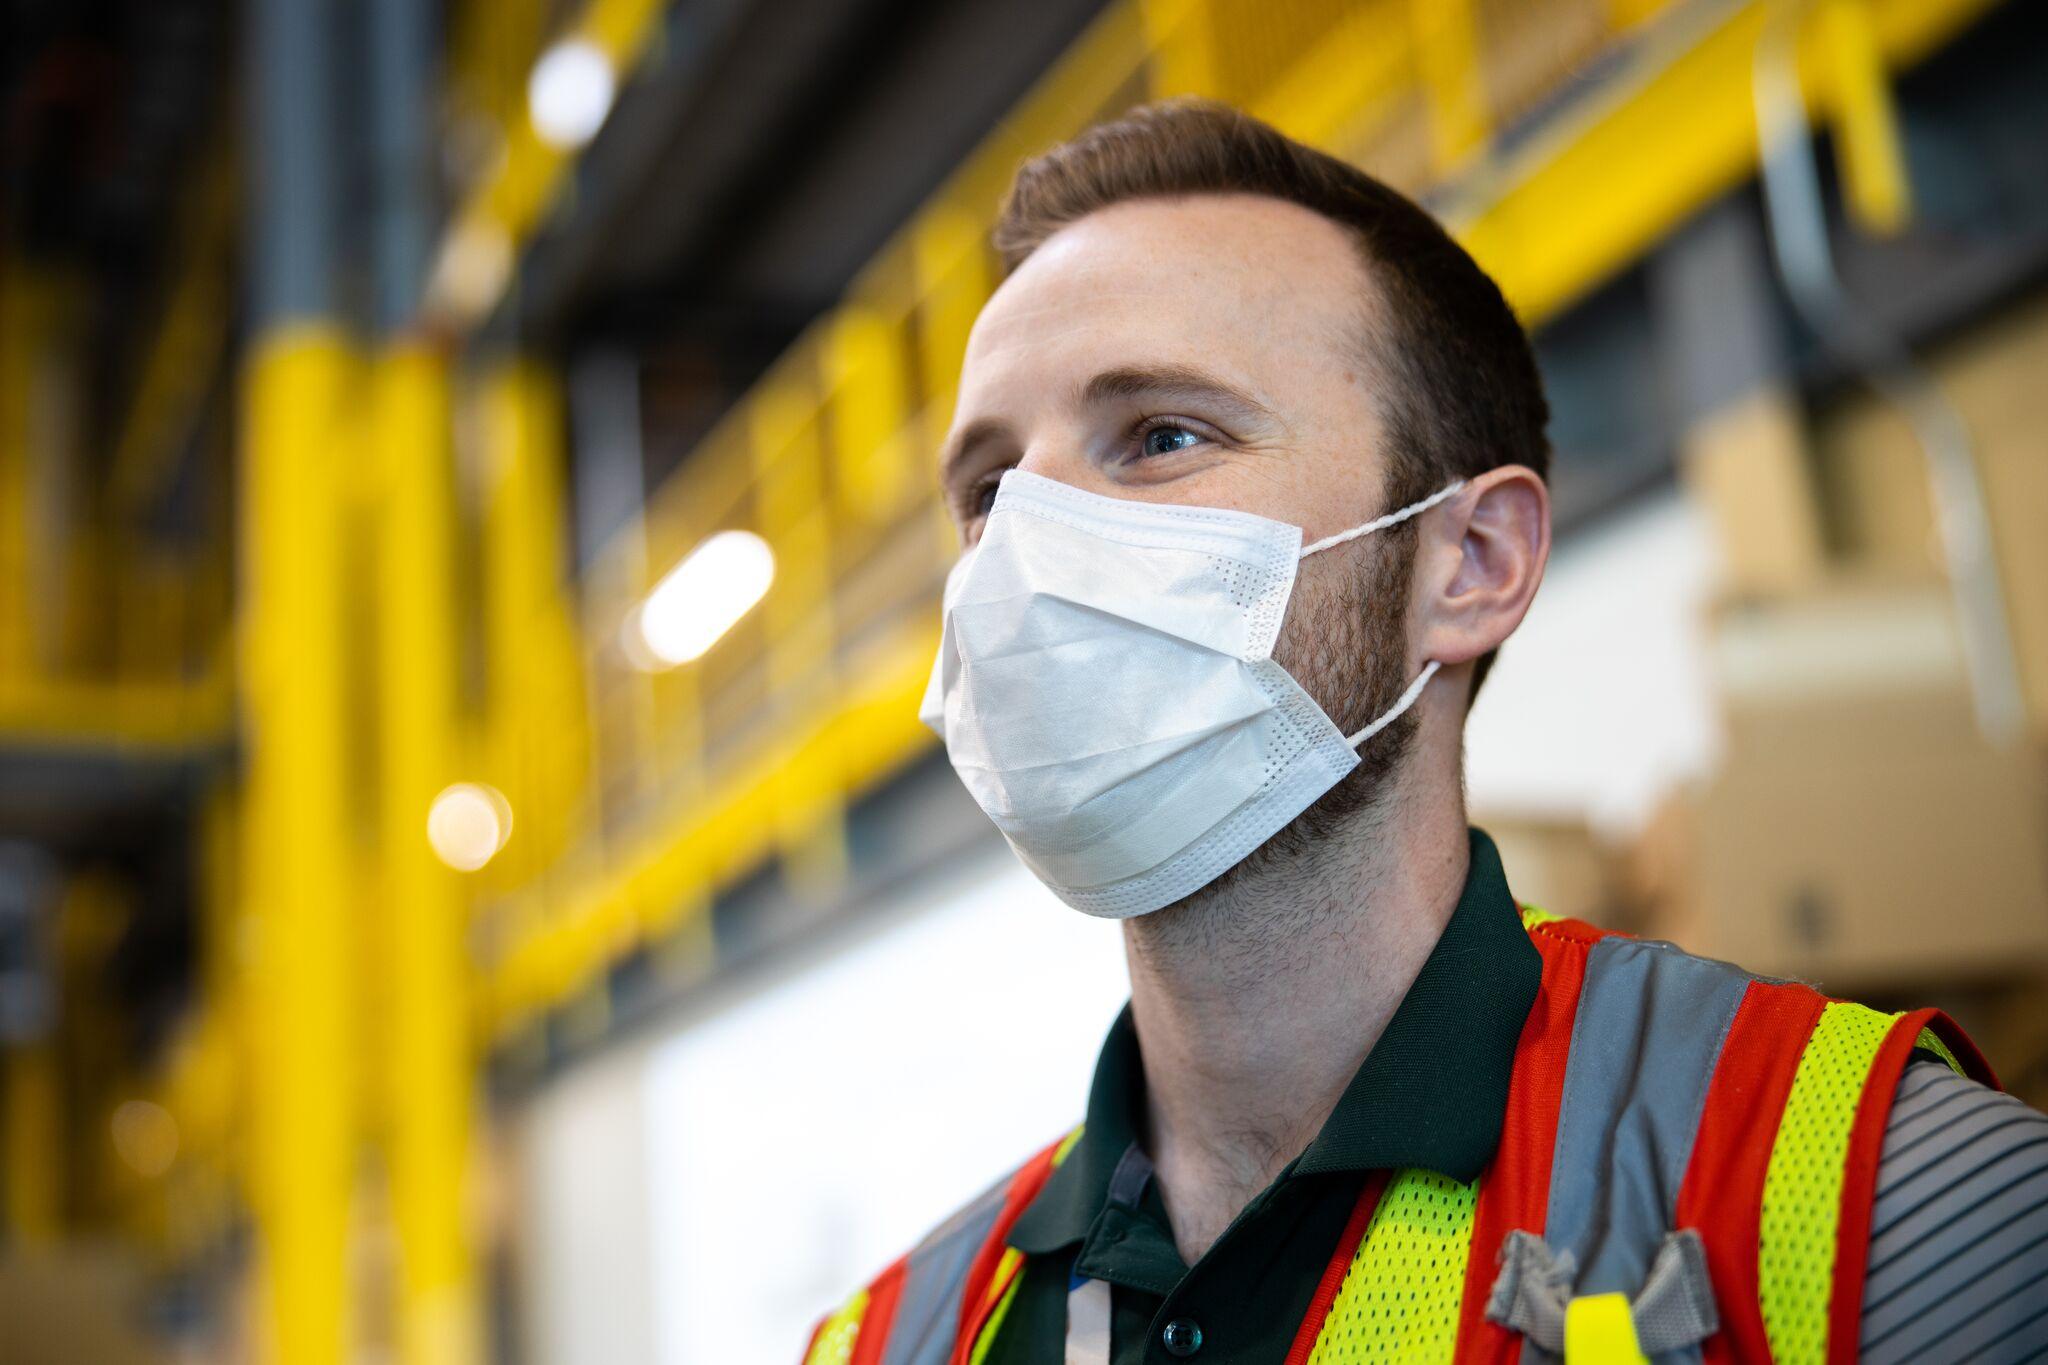 Amazon w Niemczech użyje kamer, by dbać o bezpieczeństwo pracowników w czasie pandemii